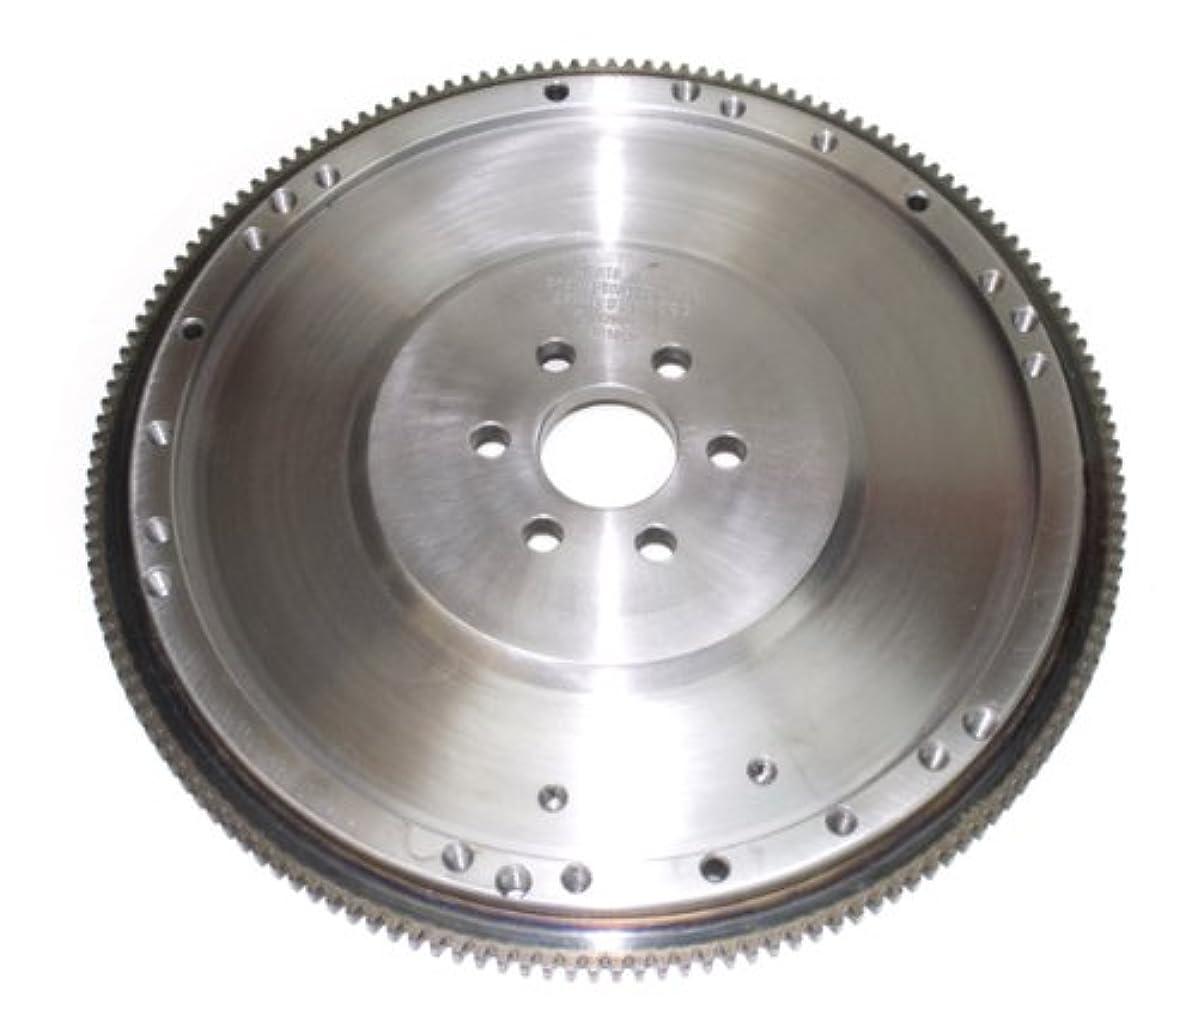 PRW 1628980 SFI-Rated 24 lbs. 157 Teeth 0-Balance Billet Steel Flywheel for Ford 260-302 1964-95